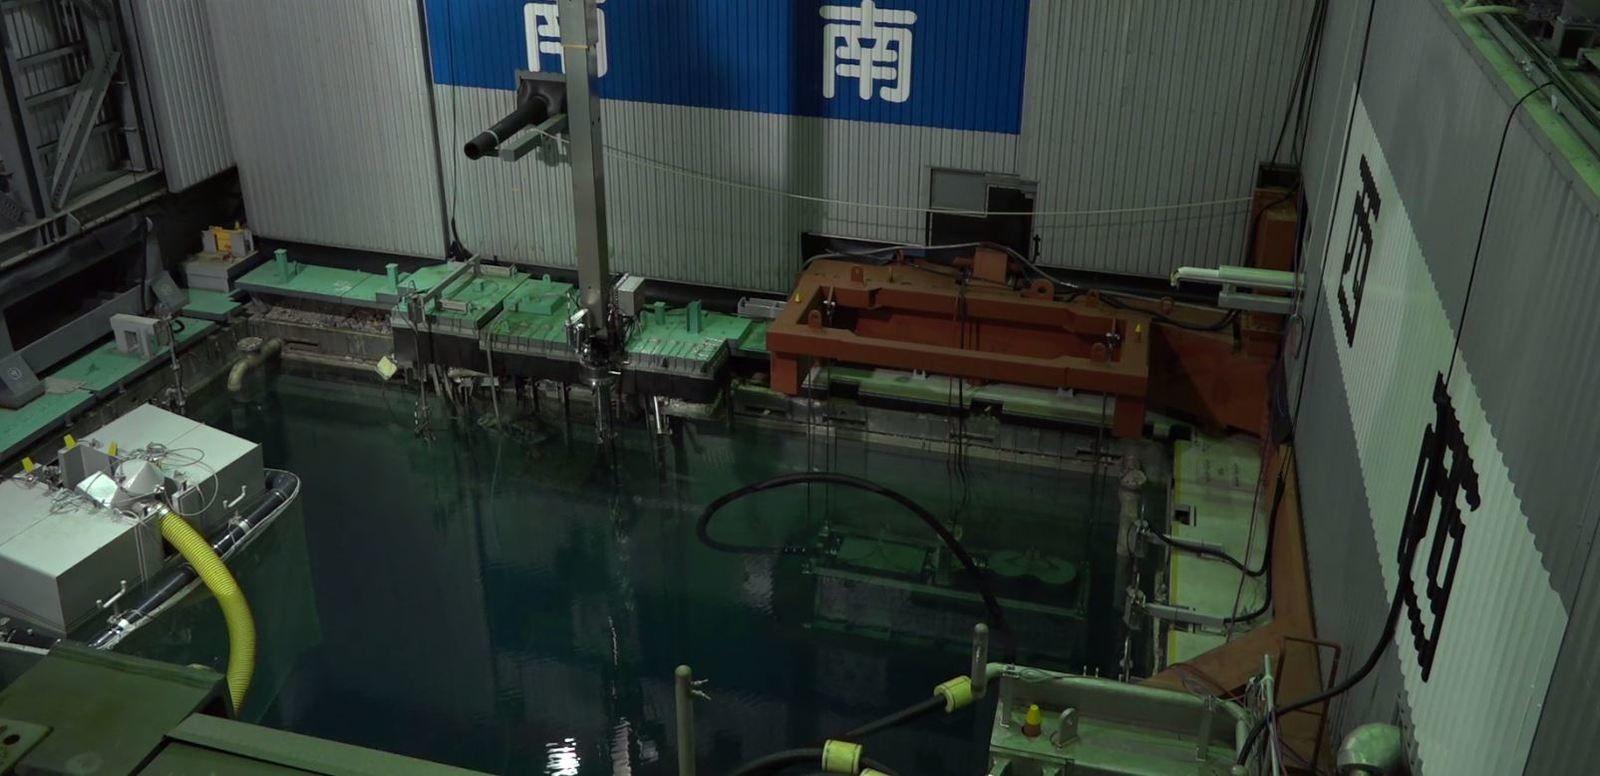 Vue 2 de la piscine de combustible (capture vidéo Tepco)